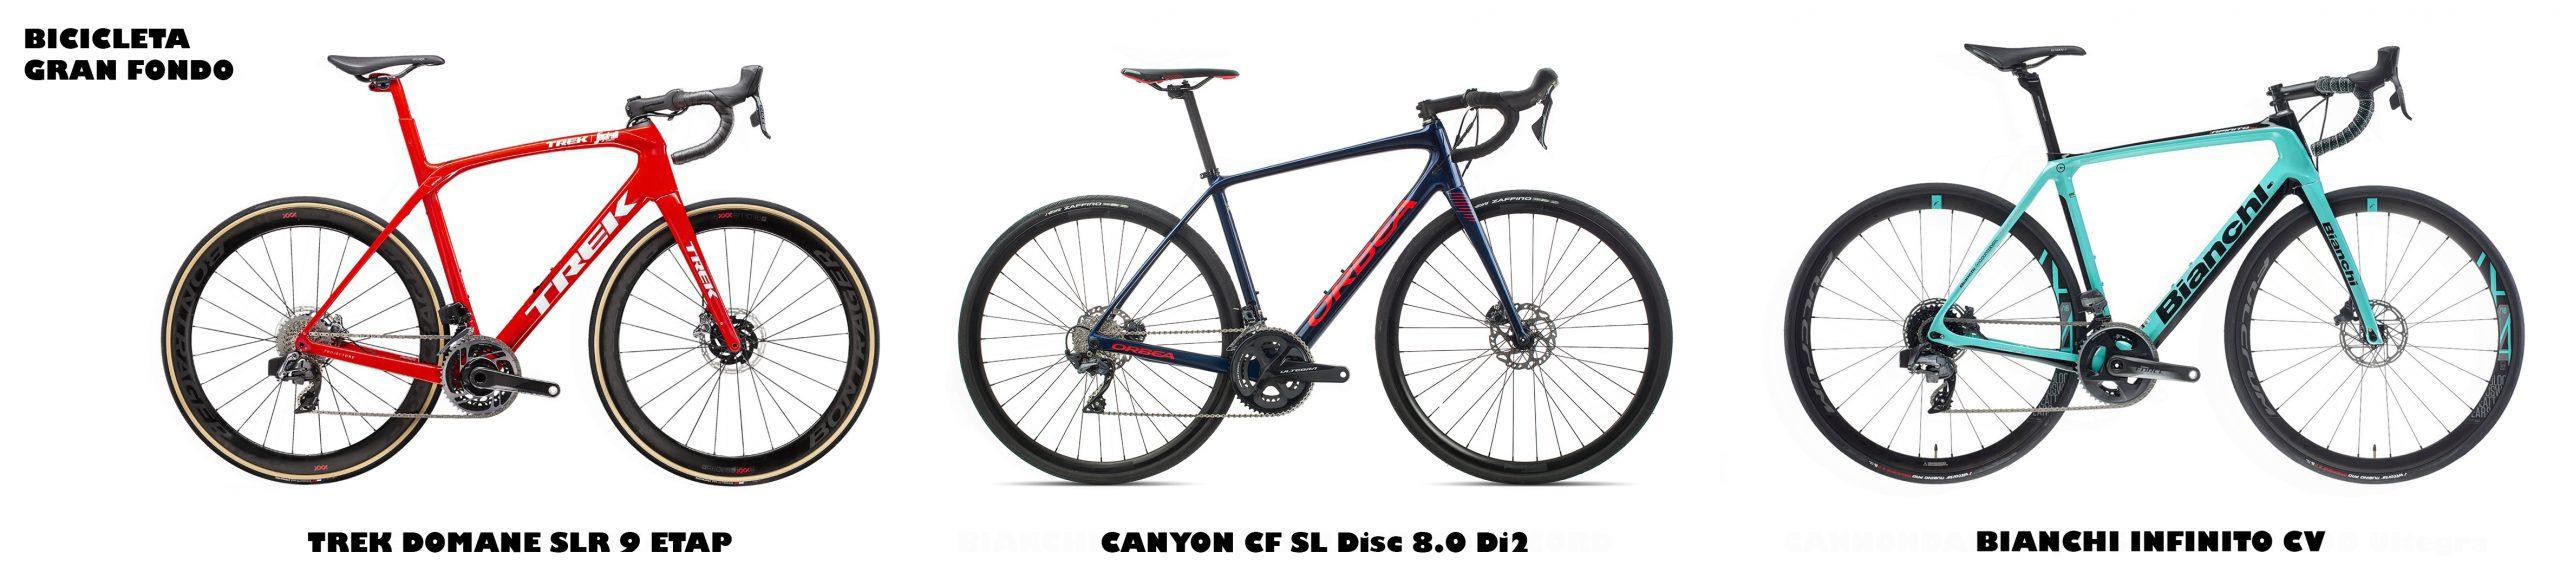 Bicicletas de gran fondo o endurance